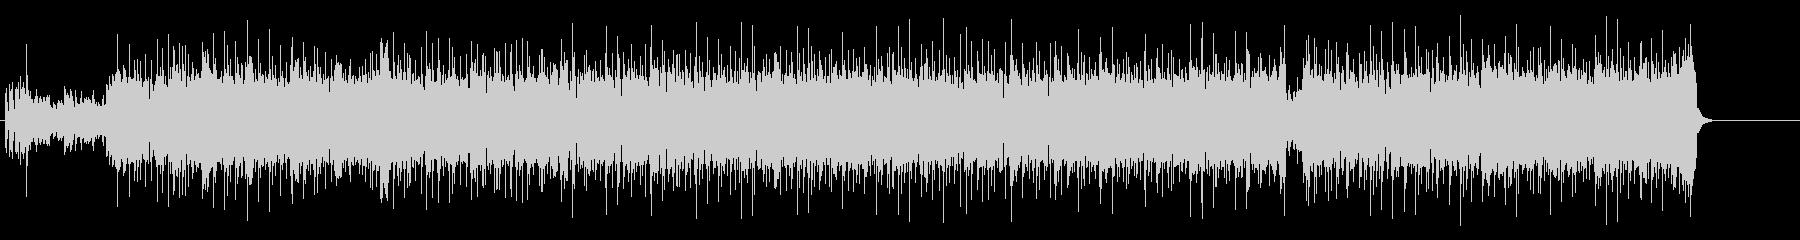 エレクトリック・ポップスの未再生の波形